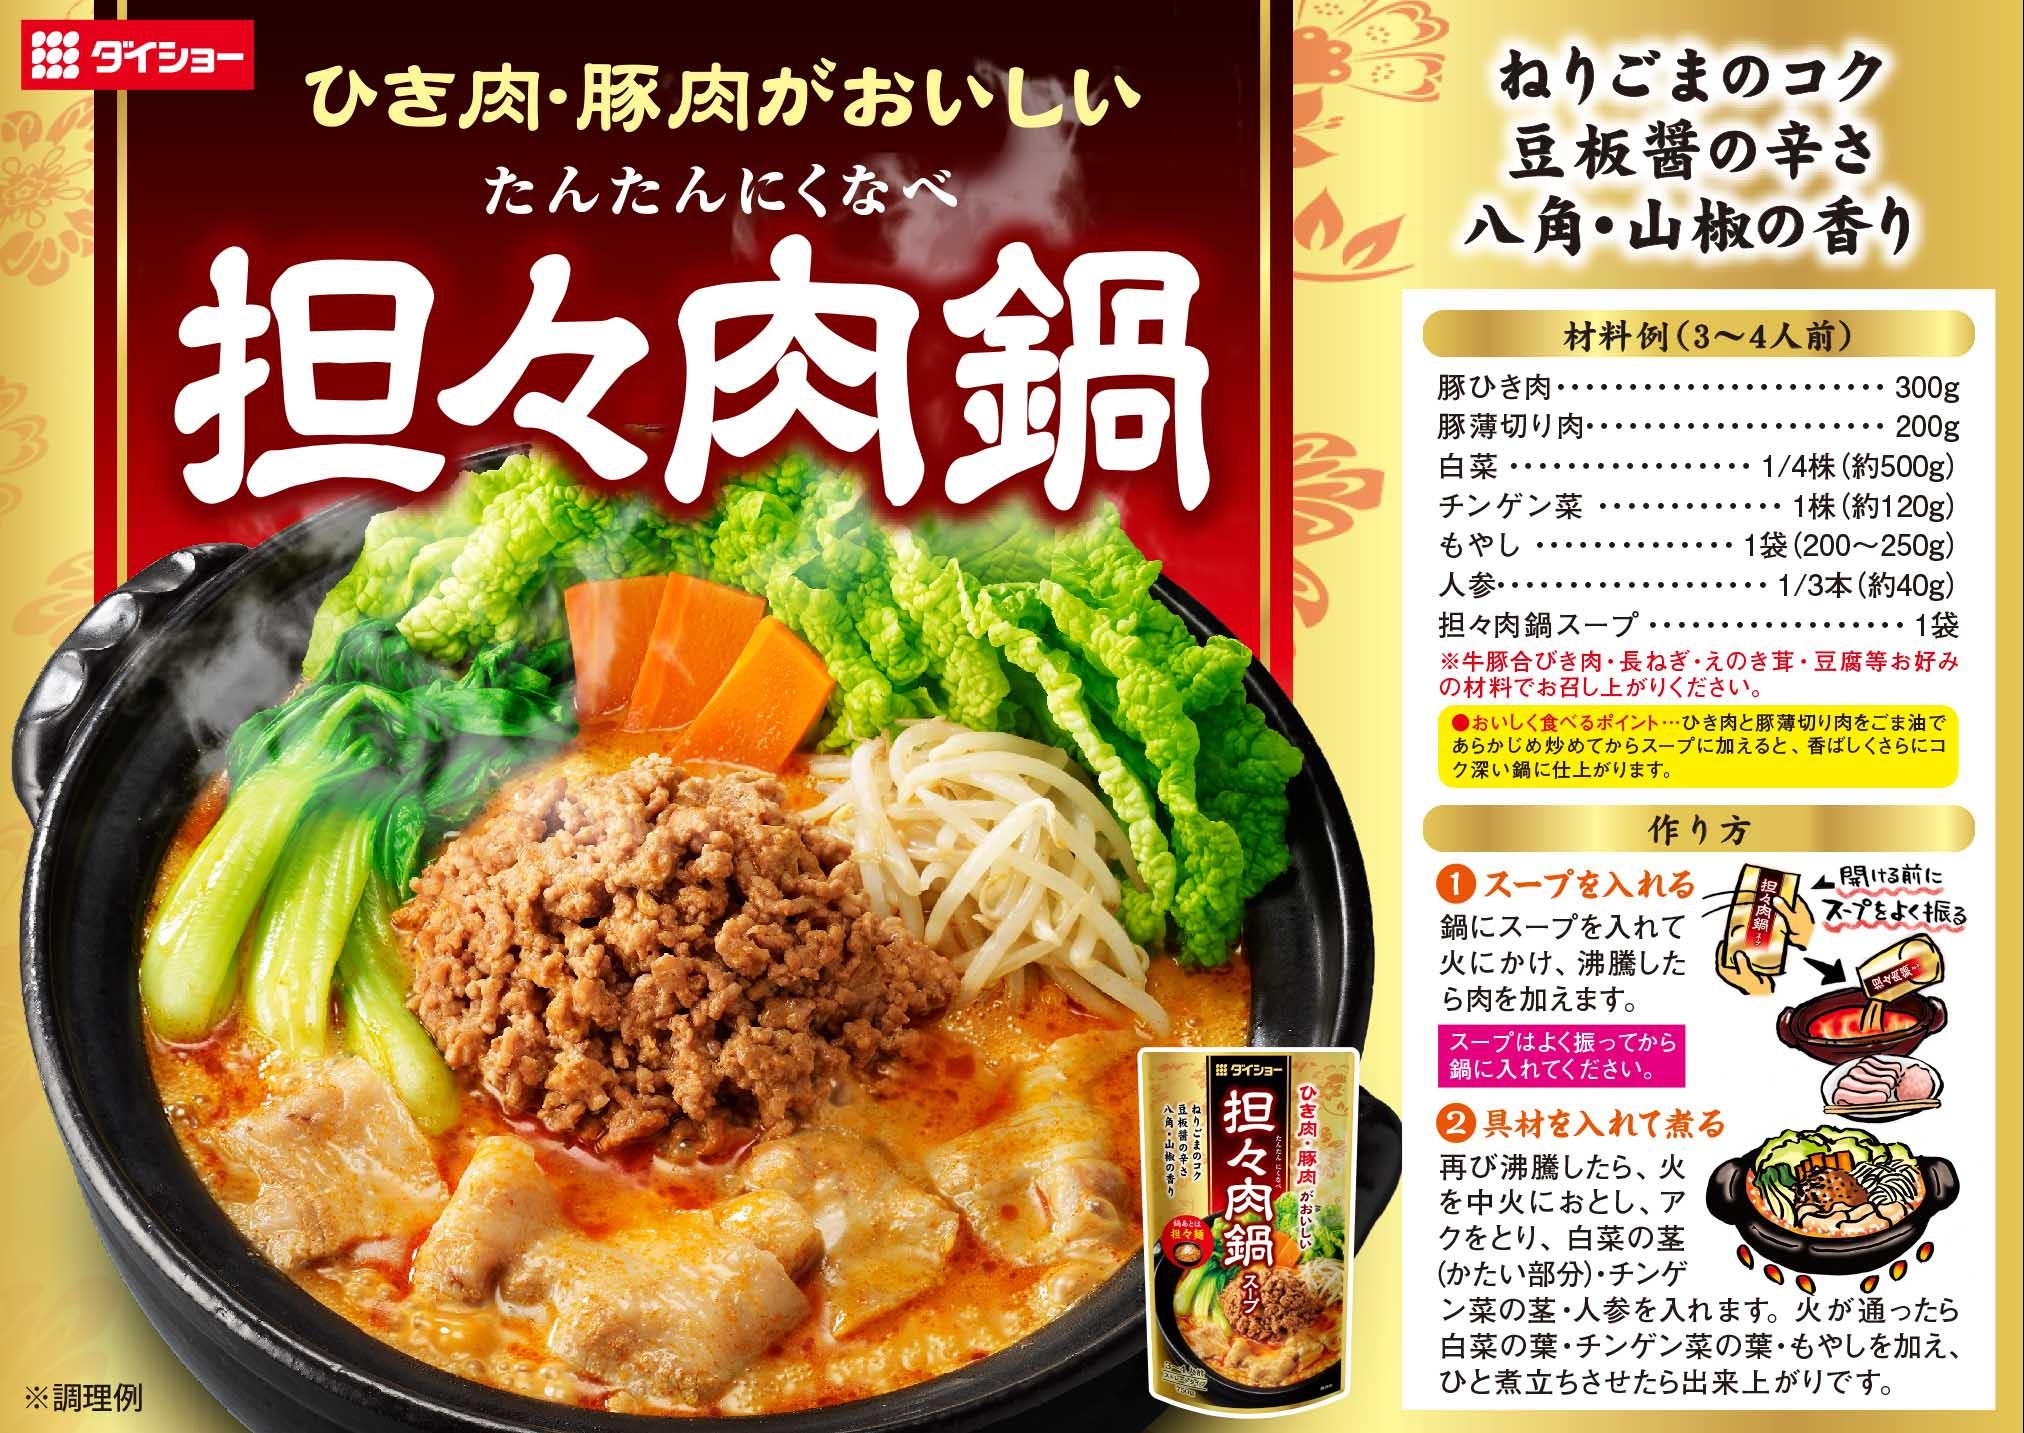 担々肉鍋スープ商品画像